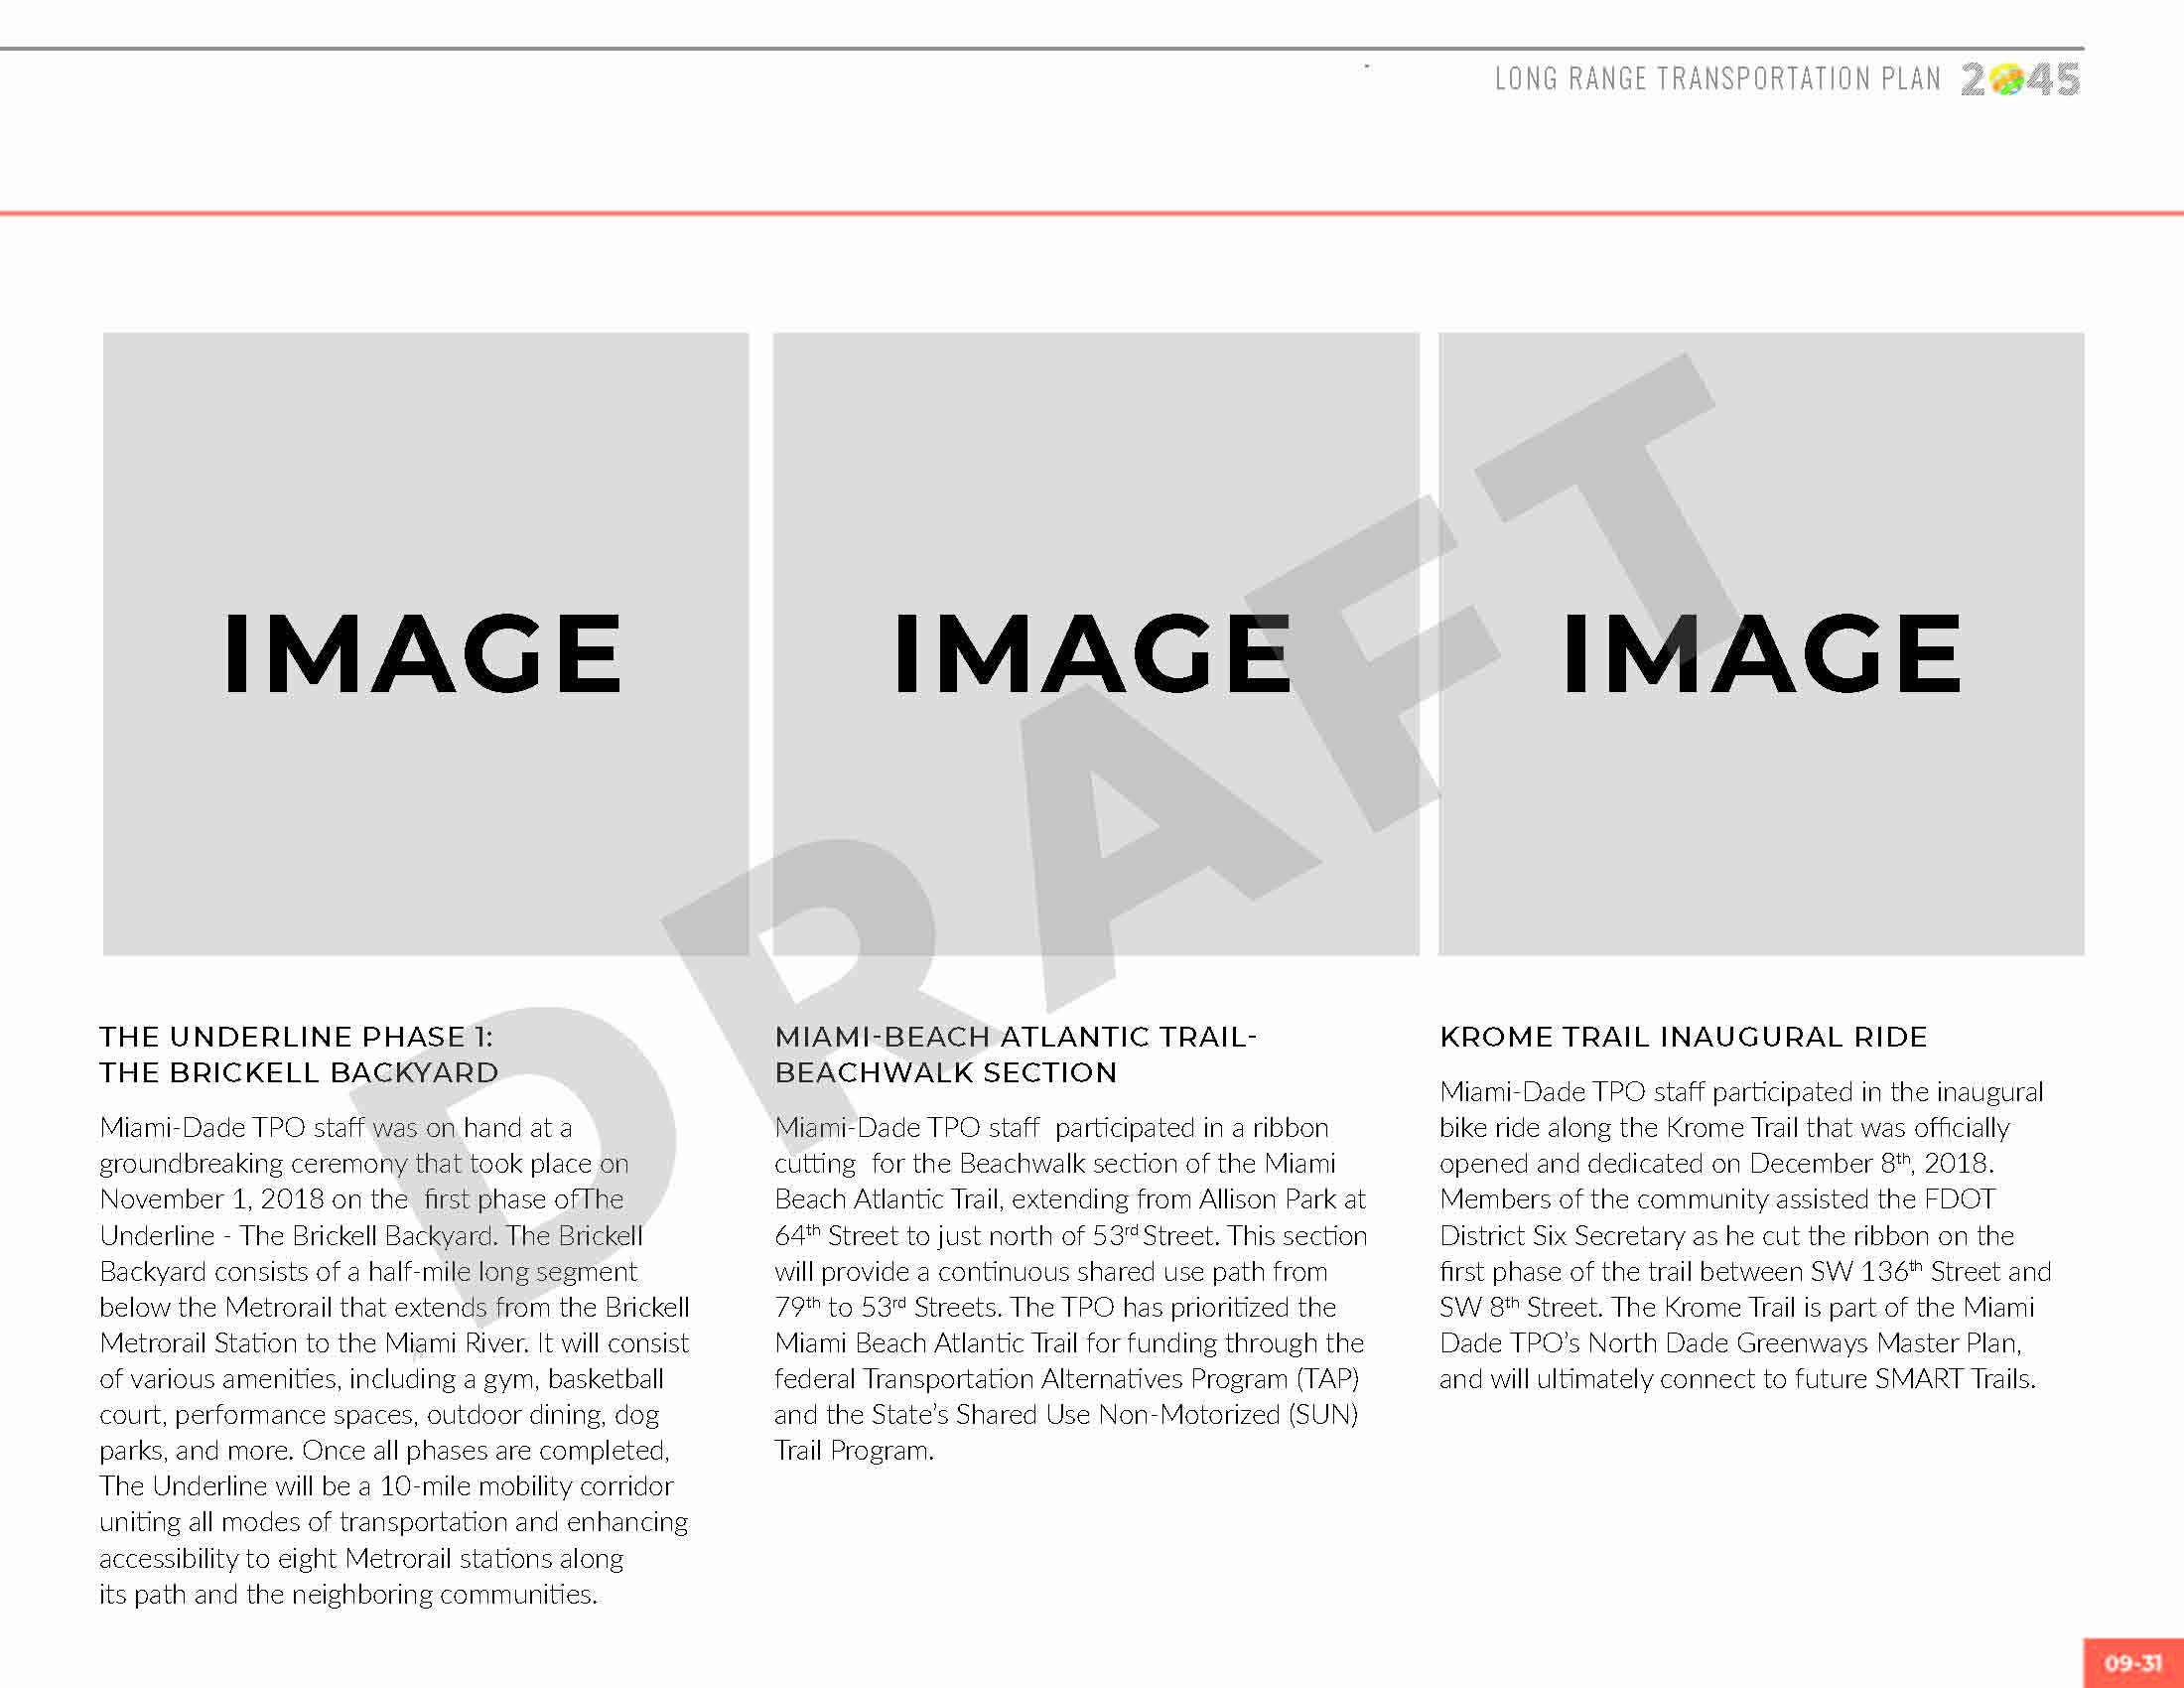 LRTP_072319_Page_171.jpg